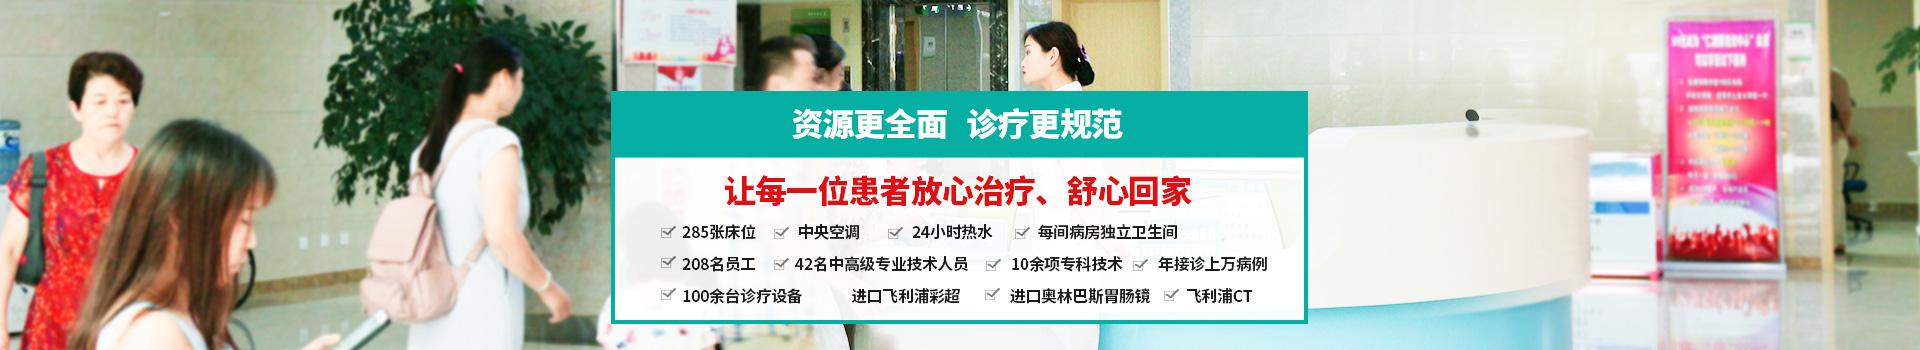 雅安仁康 国际级二级乙等综合医院